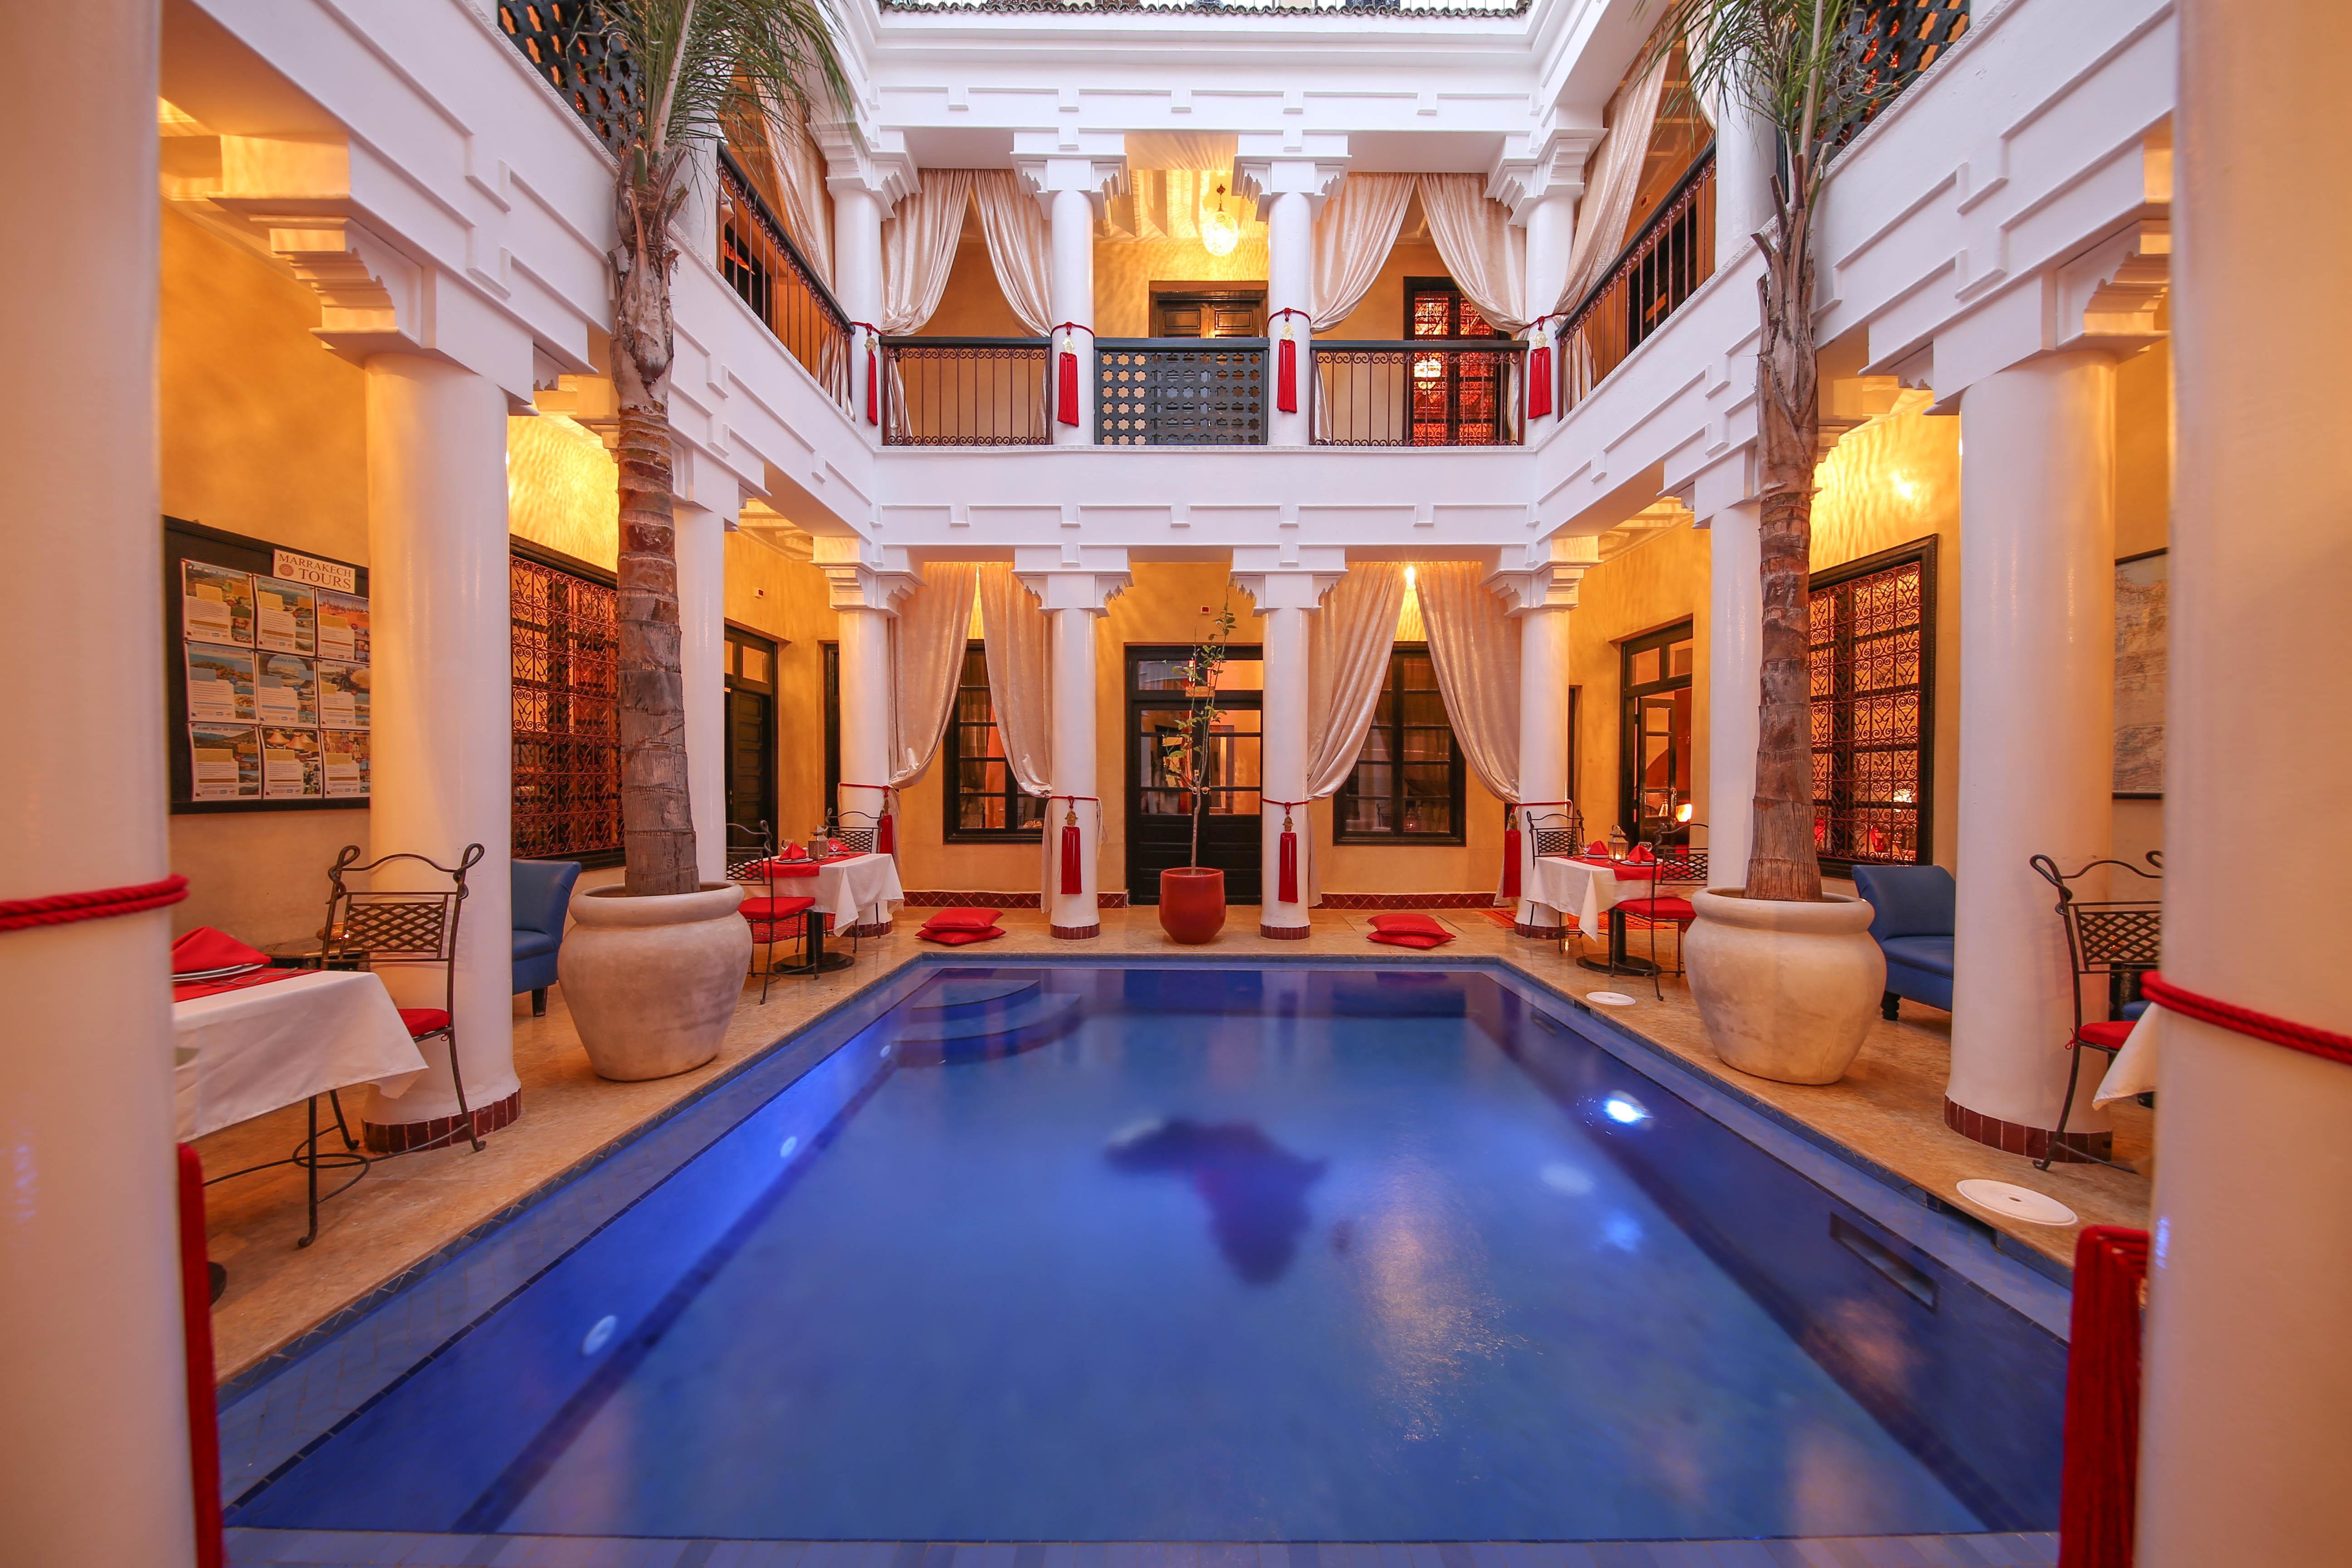 Riad Africa - Main Pool & Atrium (1)